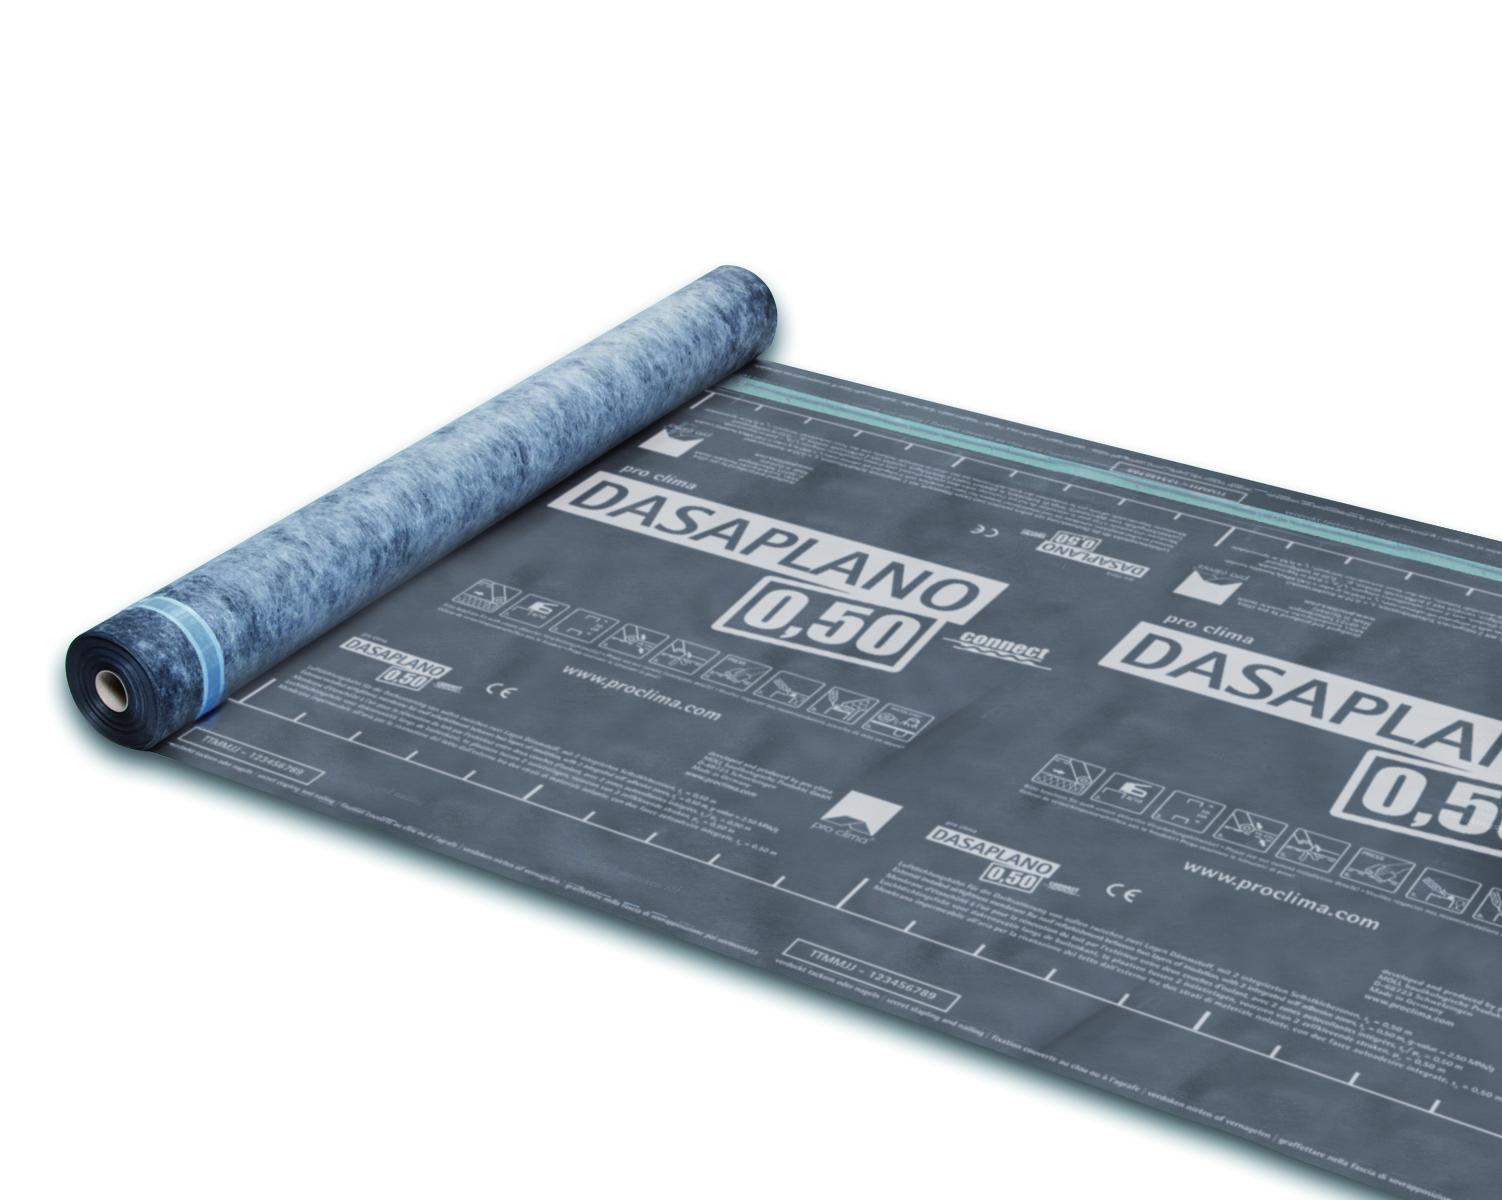 herbstneuheit 2012 luftdichtungsbahn f r die dachsanierung von au en zwischen zwei lagen. Black Bedroom Furniture Sets. Home Design Ideas